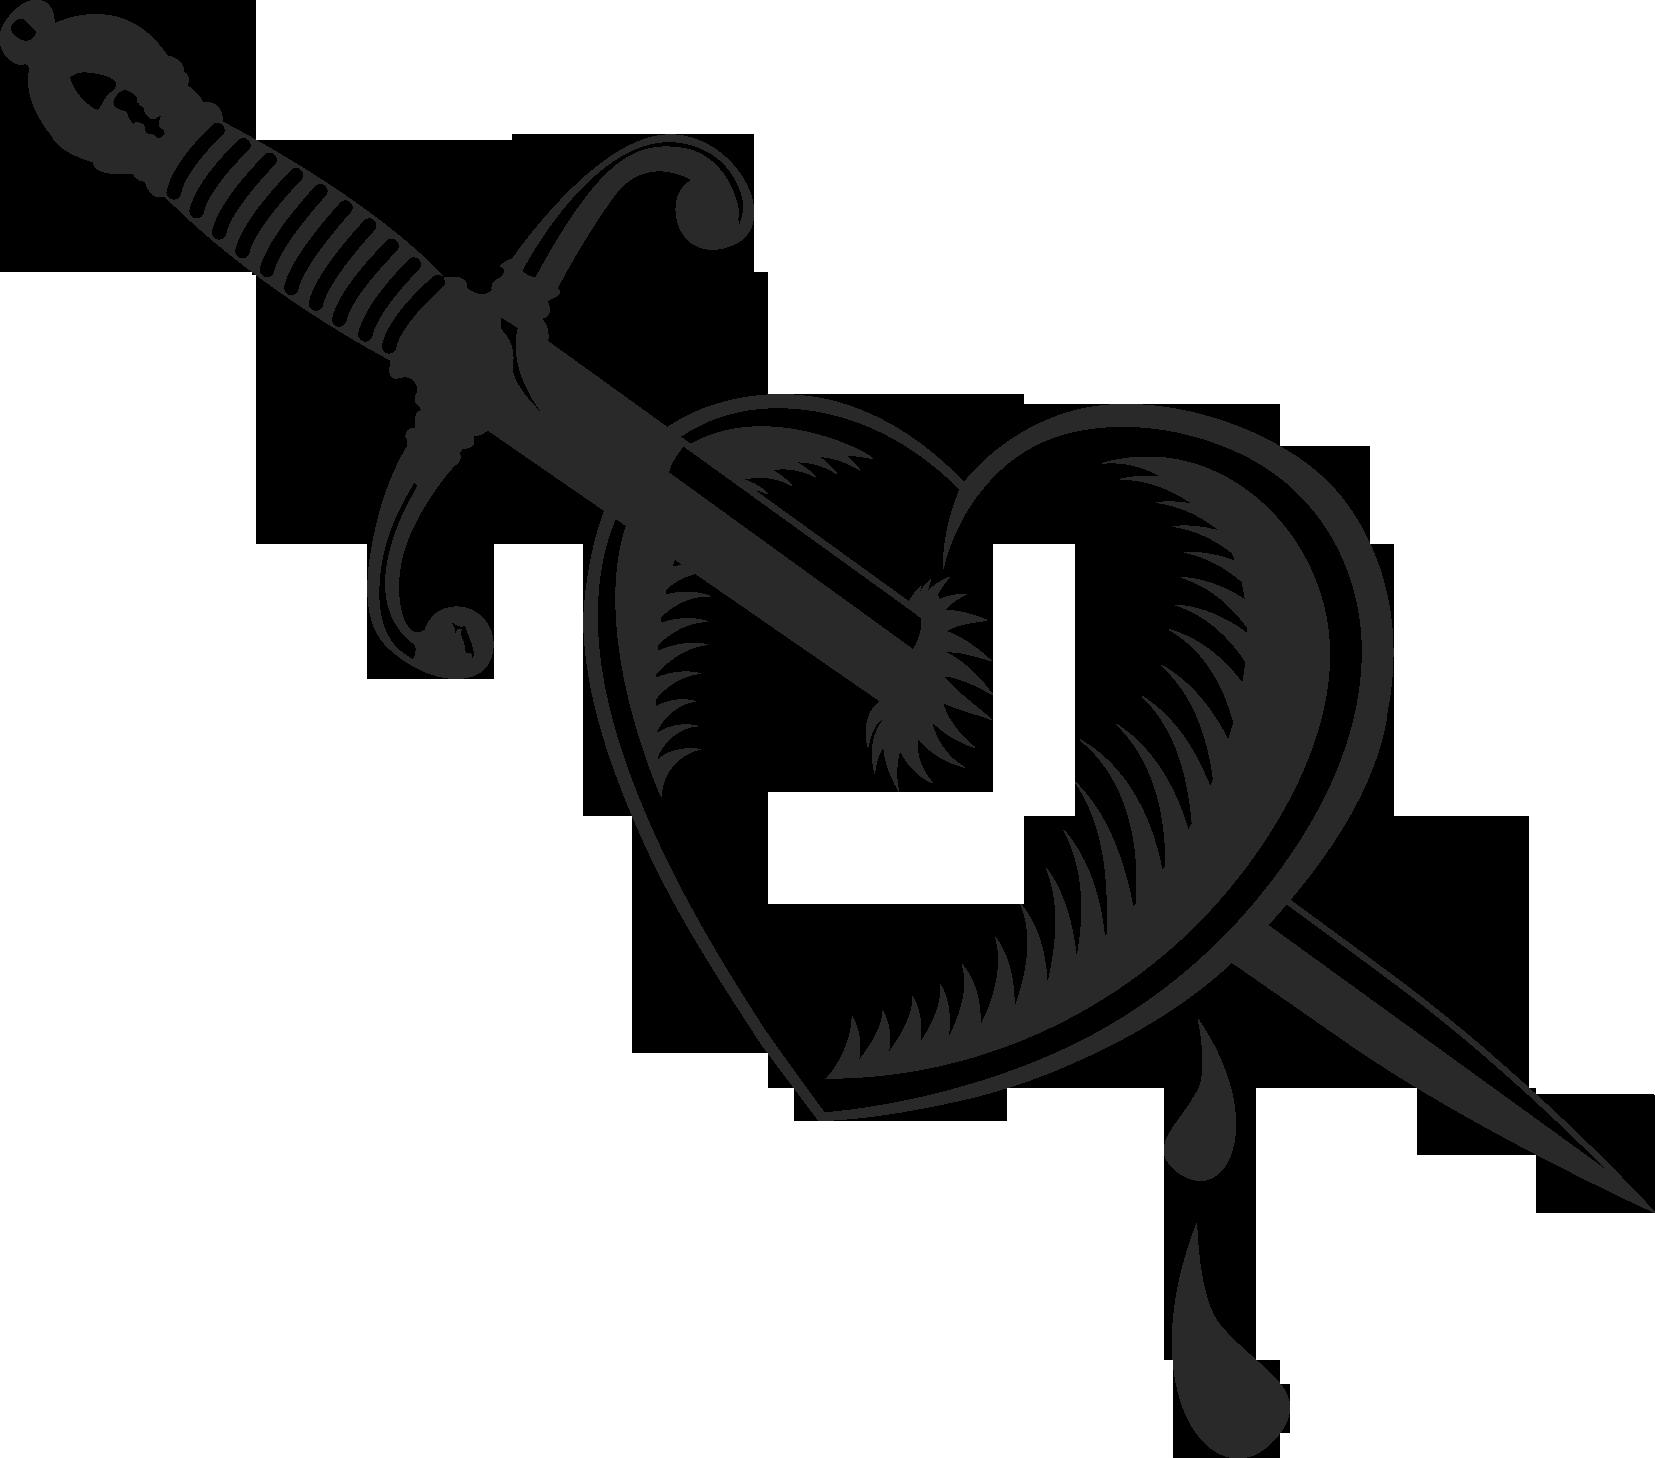 год сердце пронзенное кинжалом картинки чем больше